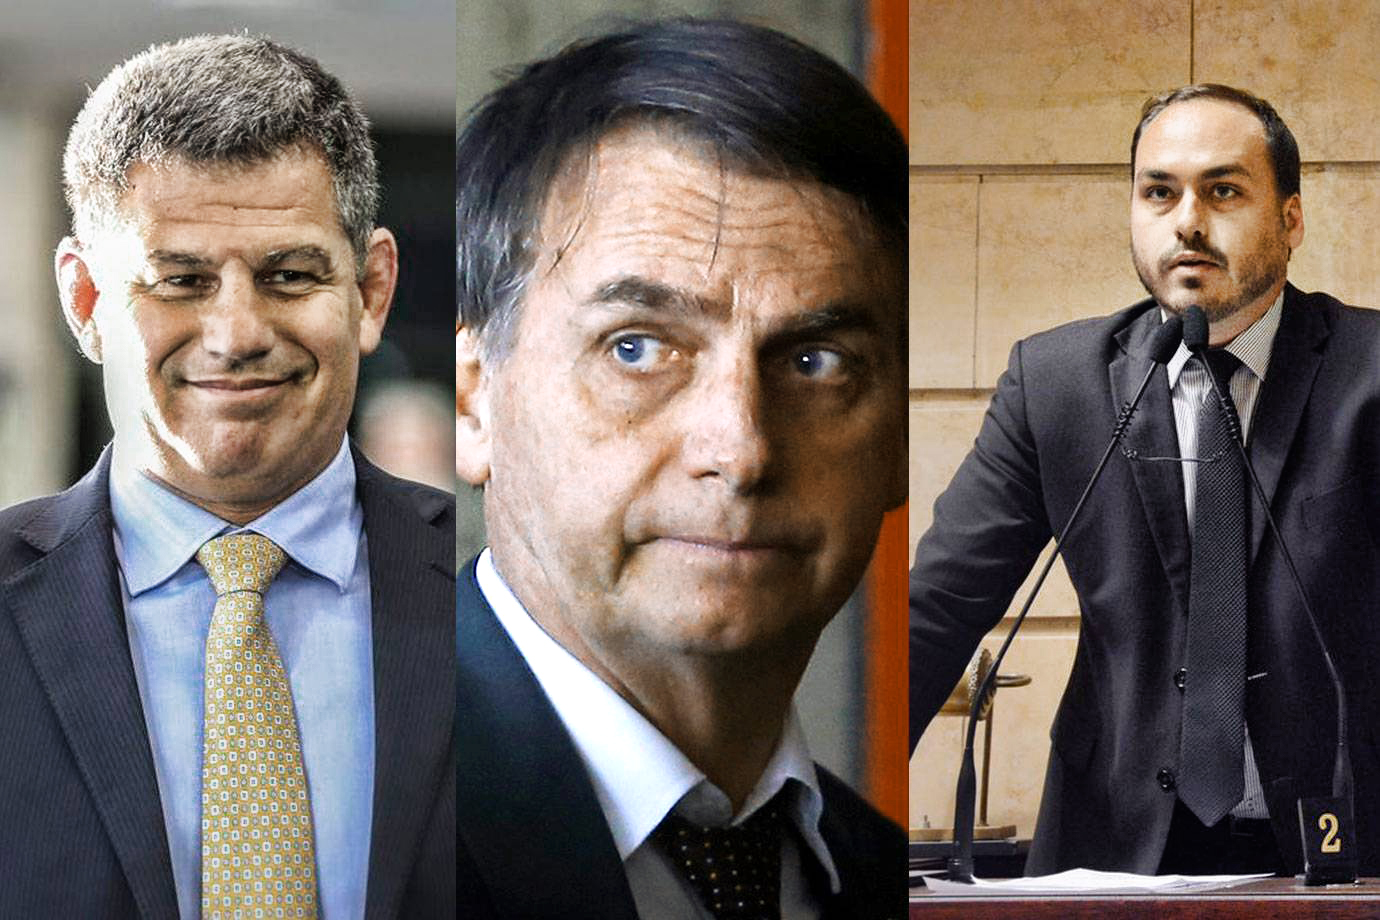 Essa briga entre Carlos Bolsonaro e Bebianno me trouxe um djavú. A derrocada de Collor começou com uma briga entre o irmão e o homem das finanças de campanha. Será que…